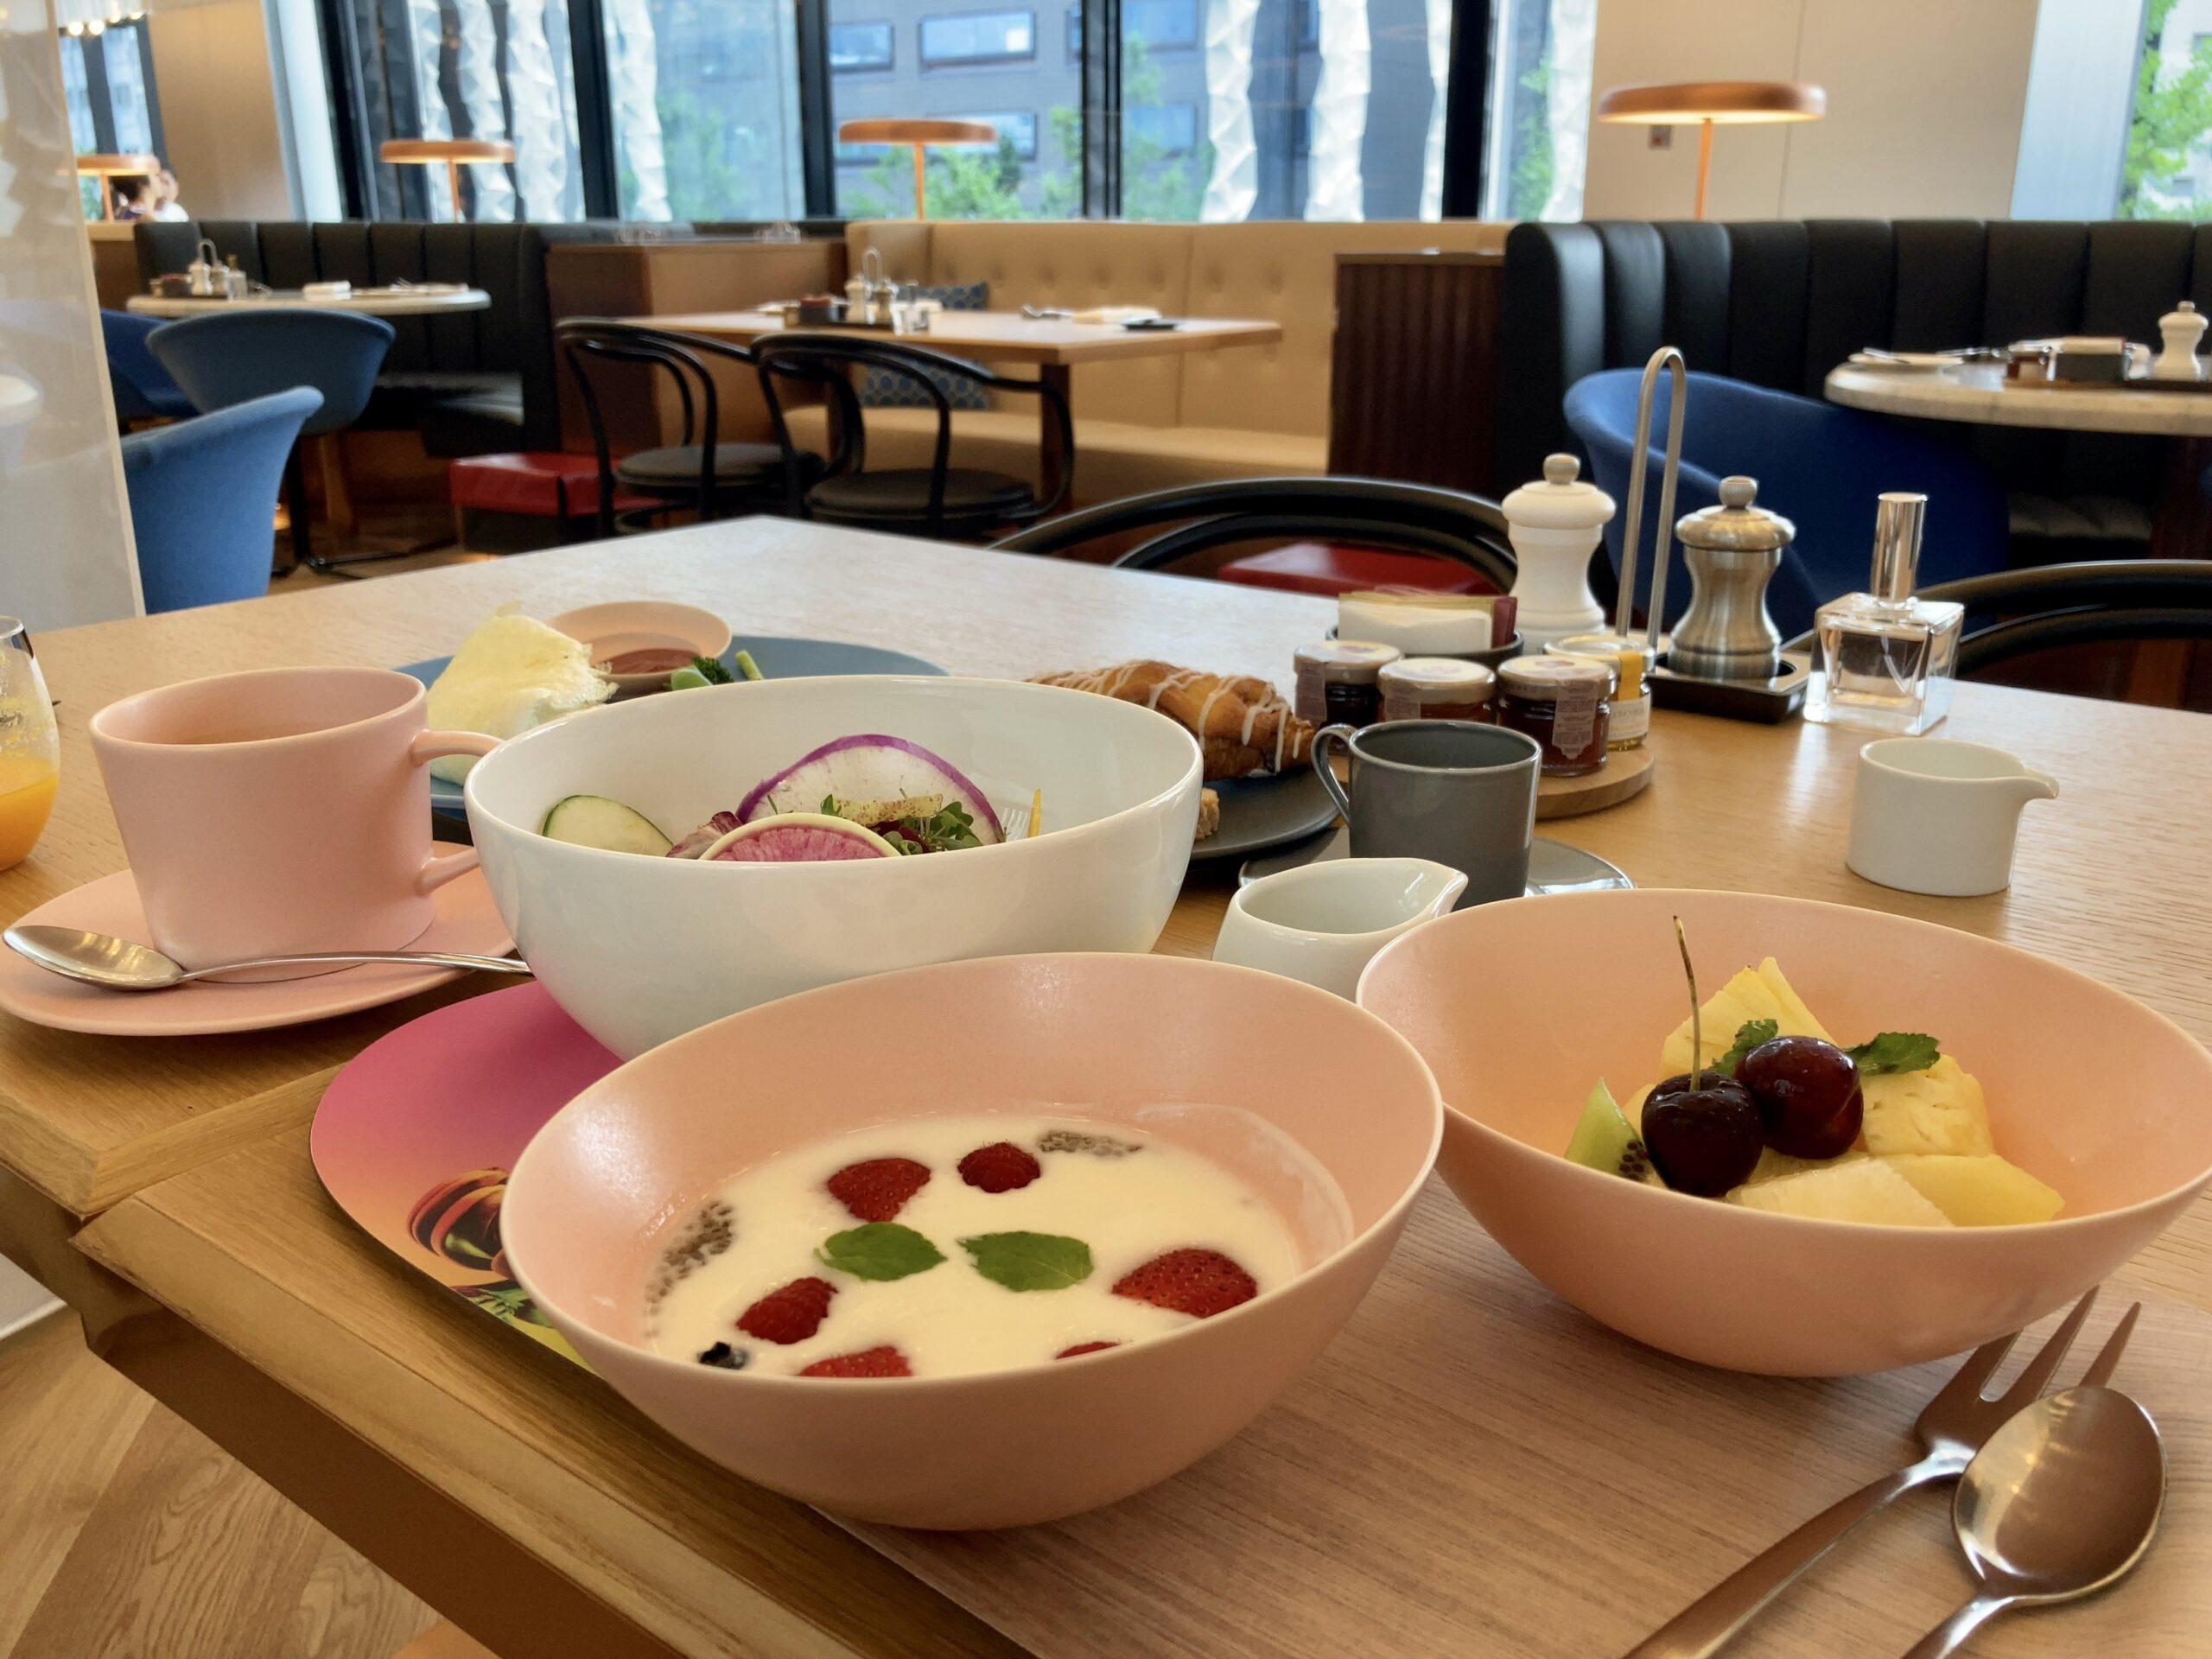 「W大阪」朝食の様子